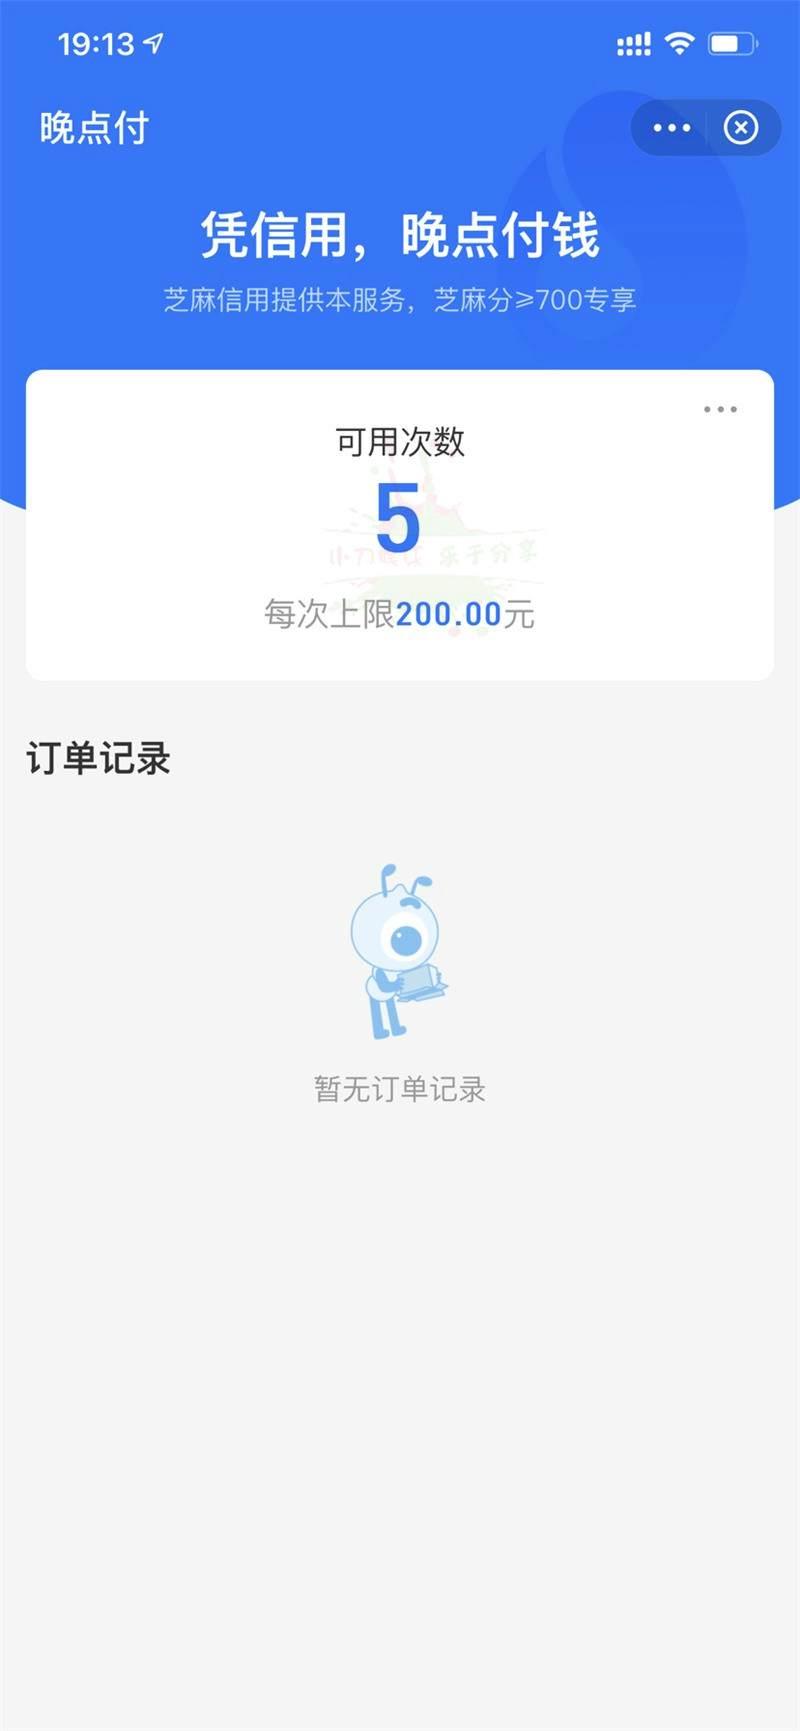 图片[1]-支付宝晚点付部分用户开放-飞享资源网